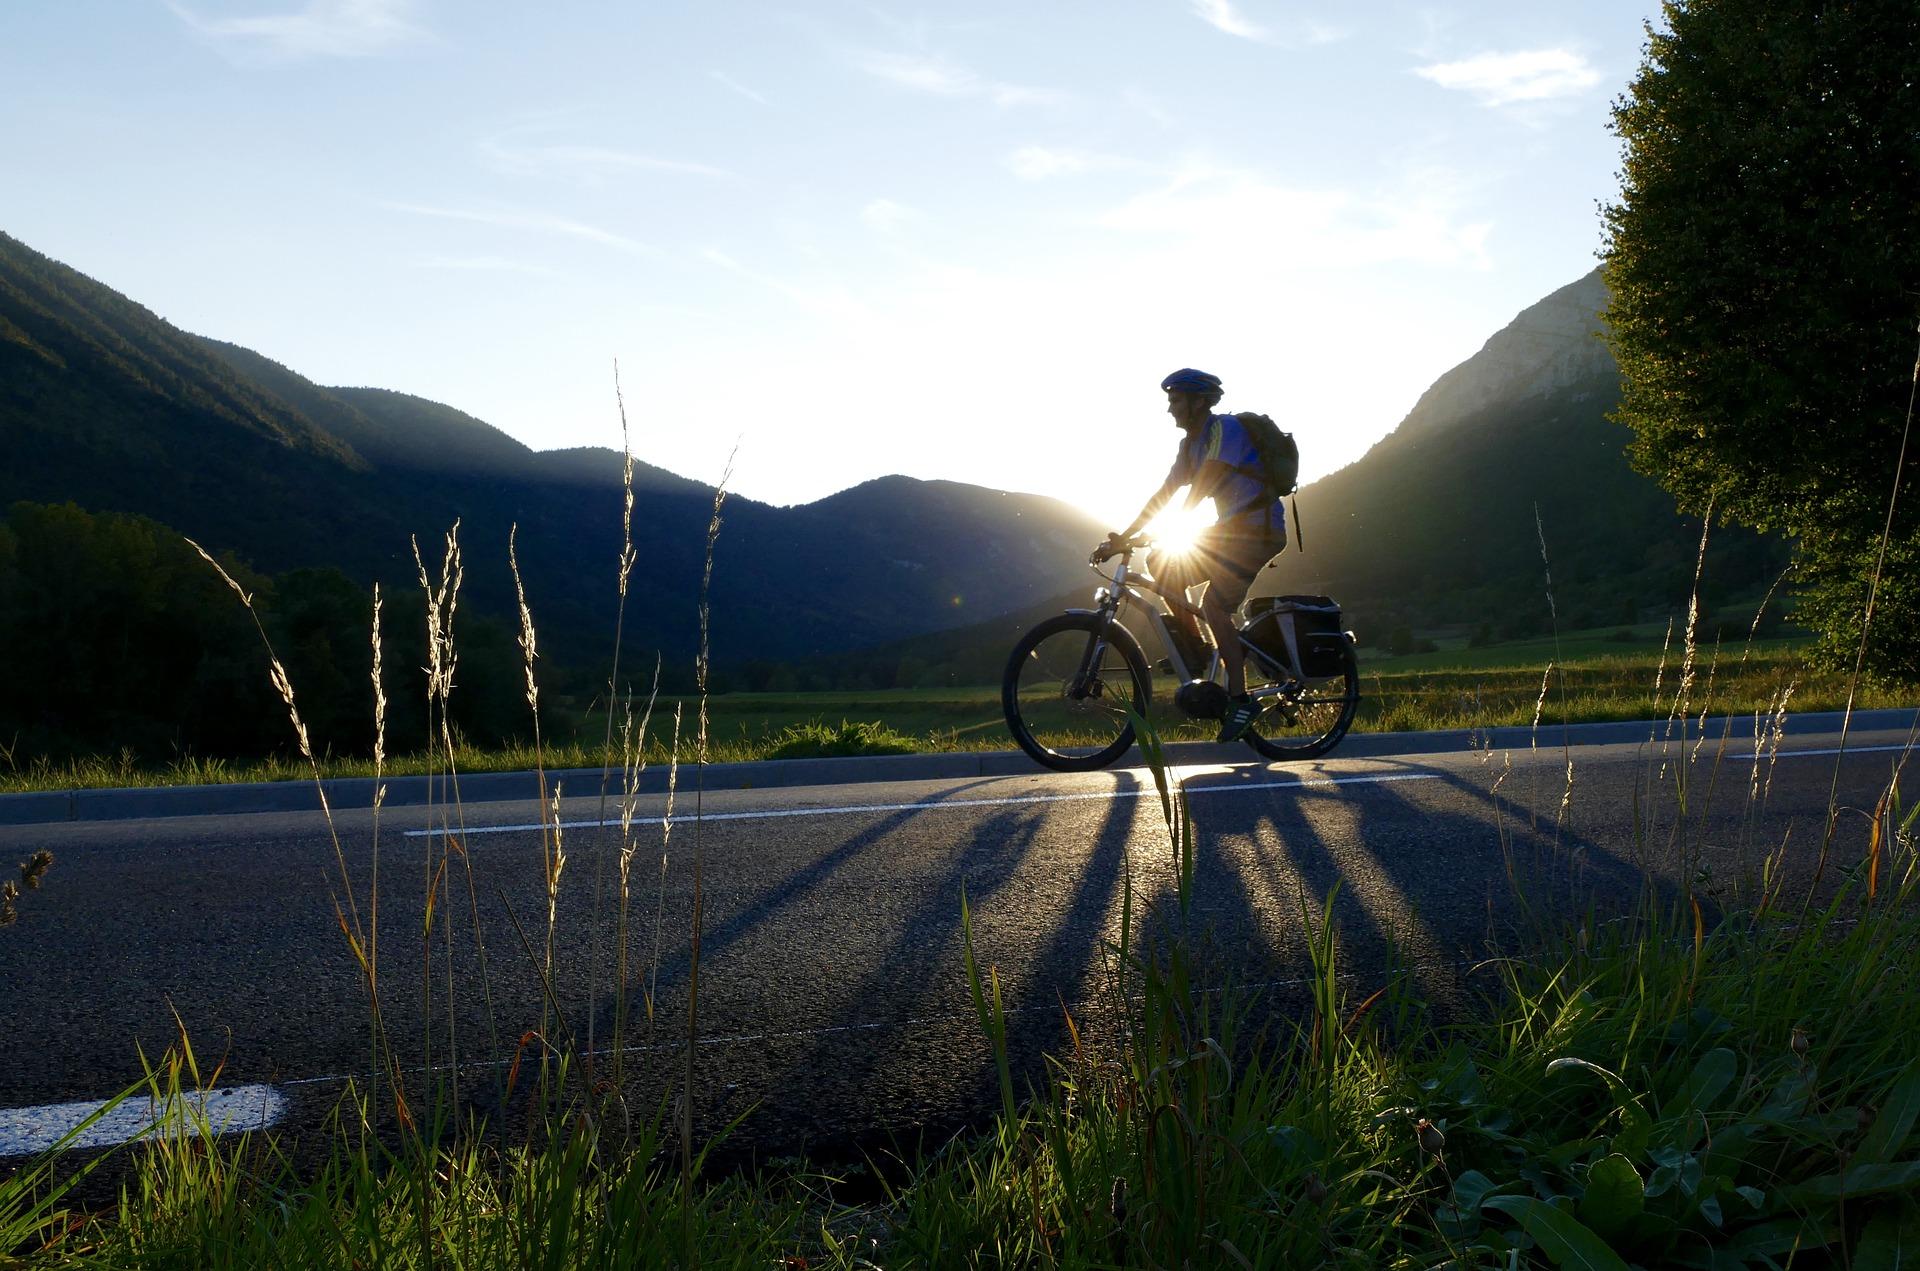 2019年英国电动自行车研究报告:36%被访者认为电动自行车太贵-唯轮网